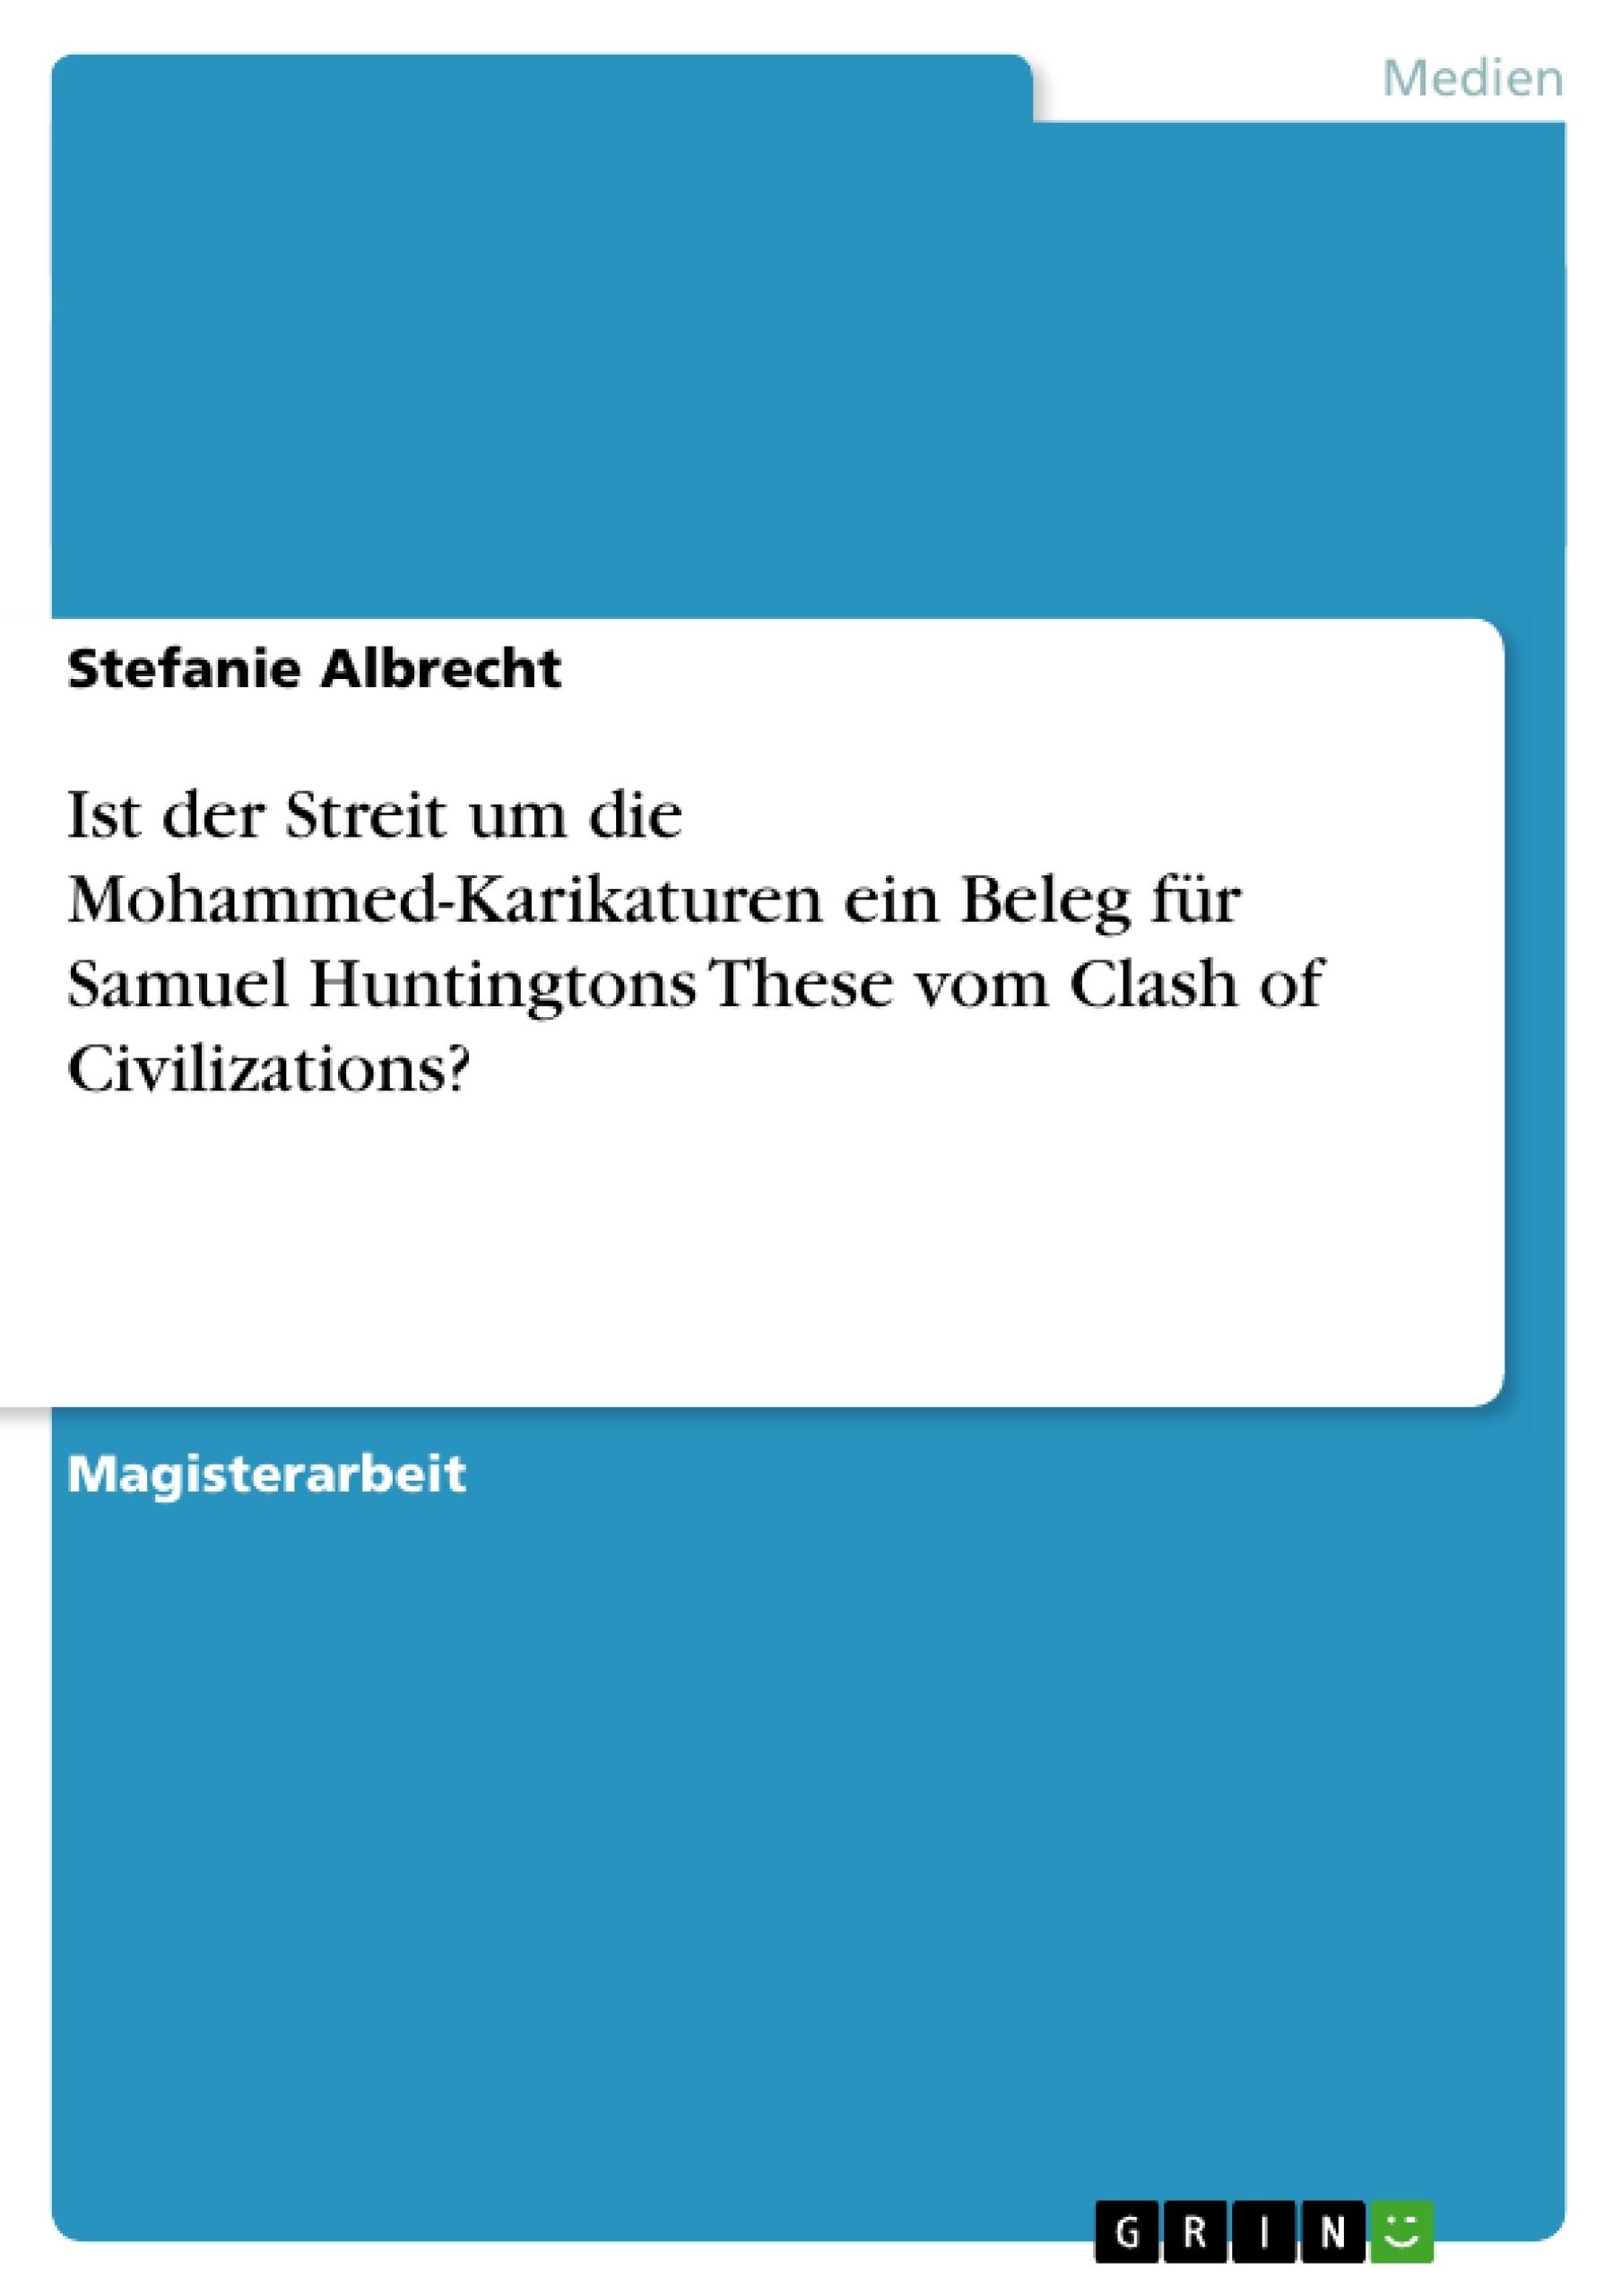 Titel: Ist der Streit um die Mohammed-Karikaturen ein Beleg für Samuel Huntingtons These vom Clash of Civilizations?